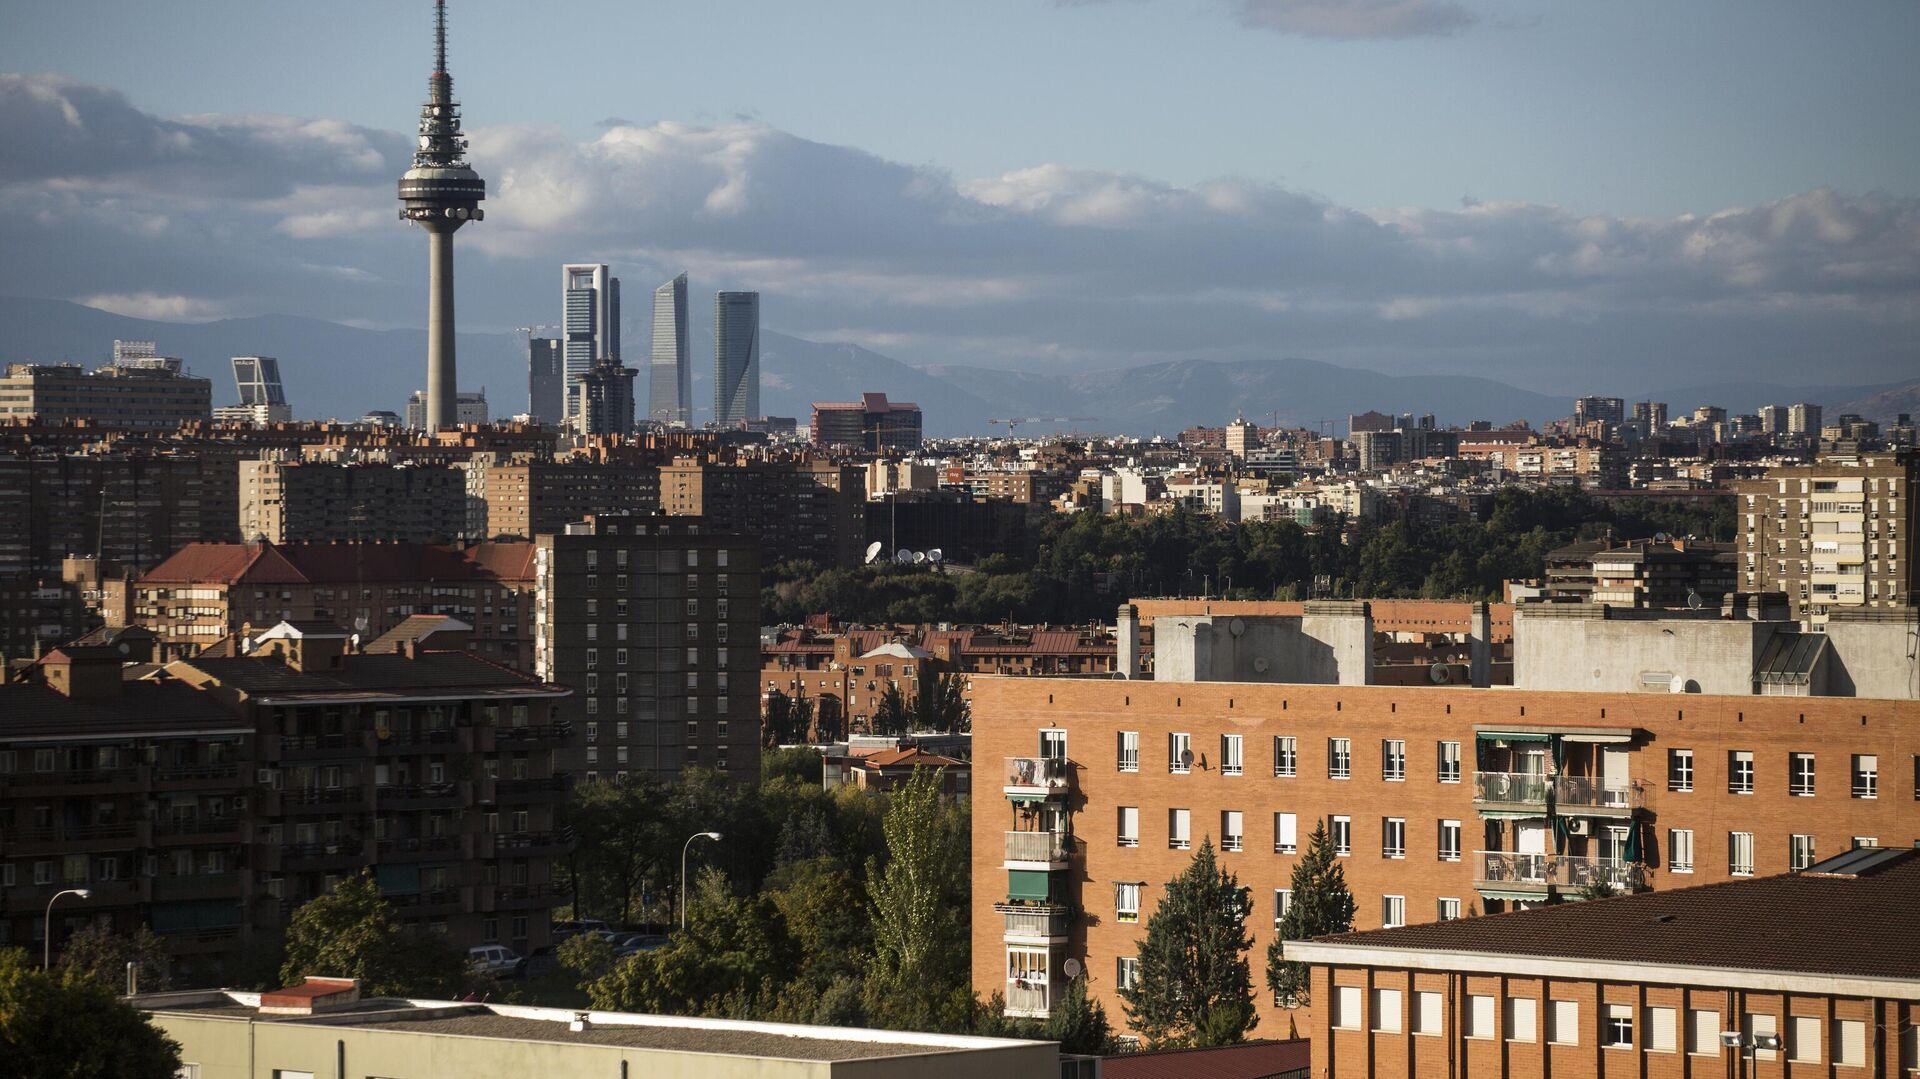 Панорама Мадрида с телебашней - Sputnik Армения, 1920, 17.09.2021